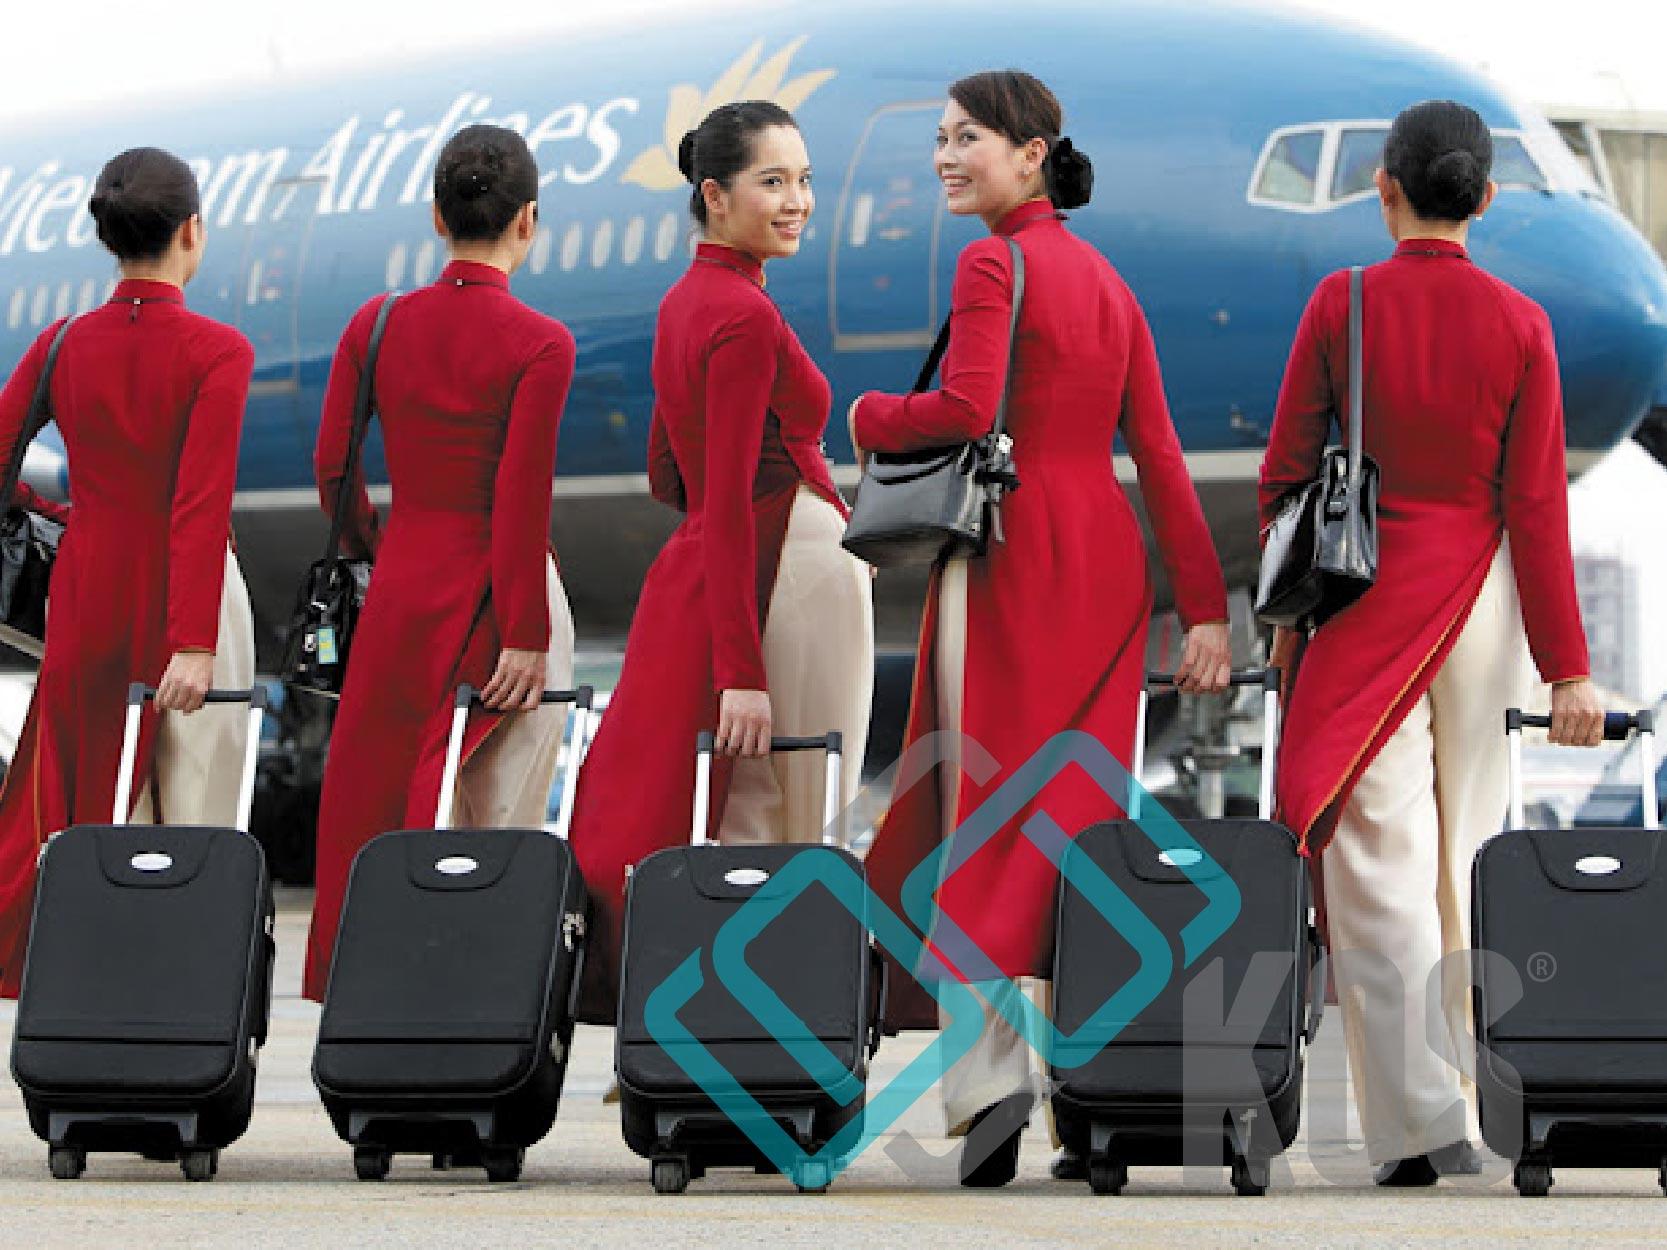 kích thước vali được mang lên máy bay vietnam airline